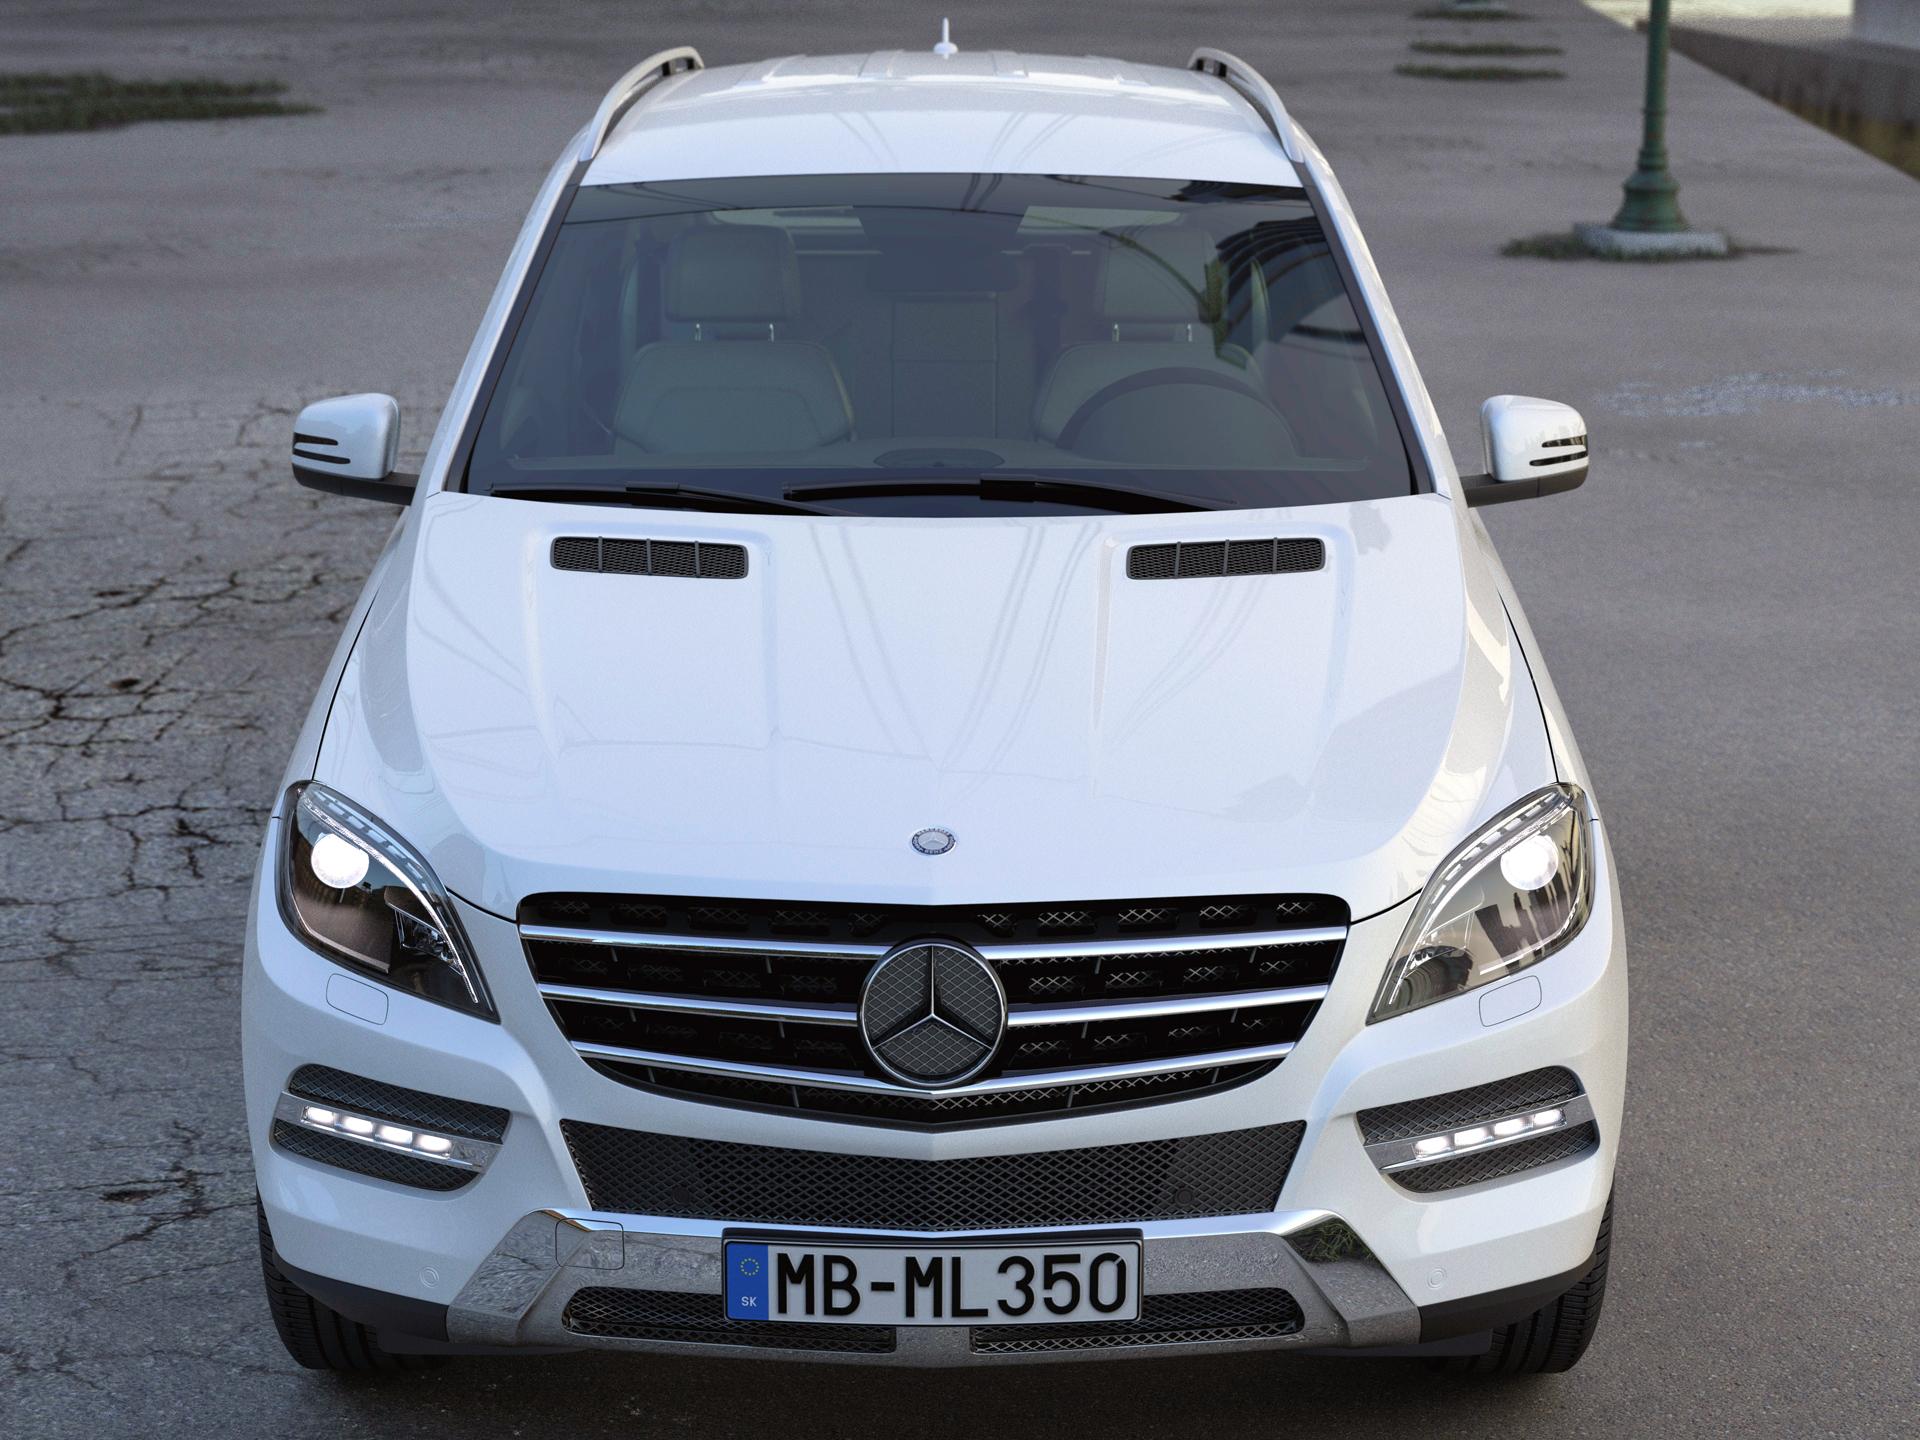 Mercedes benz ml class 2013 3d model buy mercedes benz for Mercedes benz suv models 2013